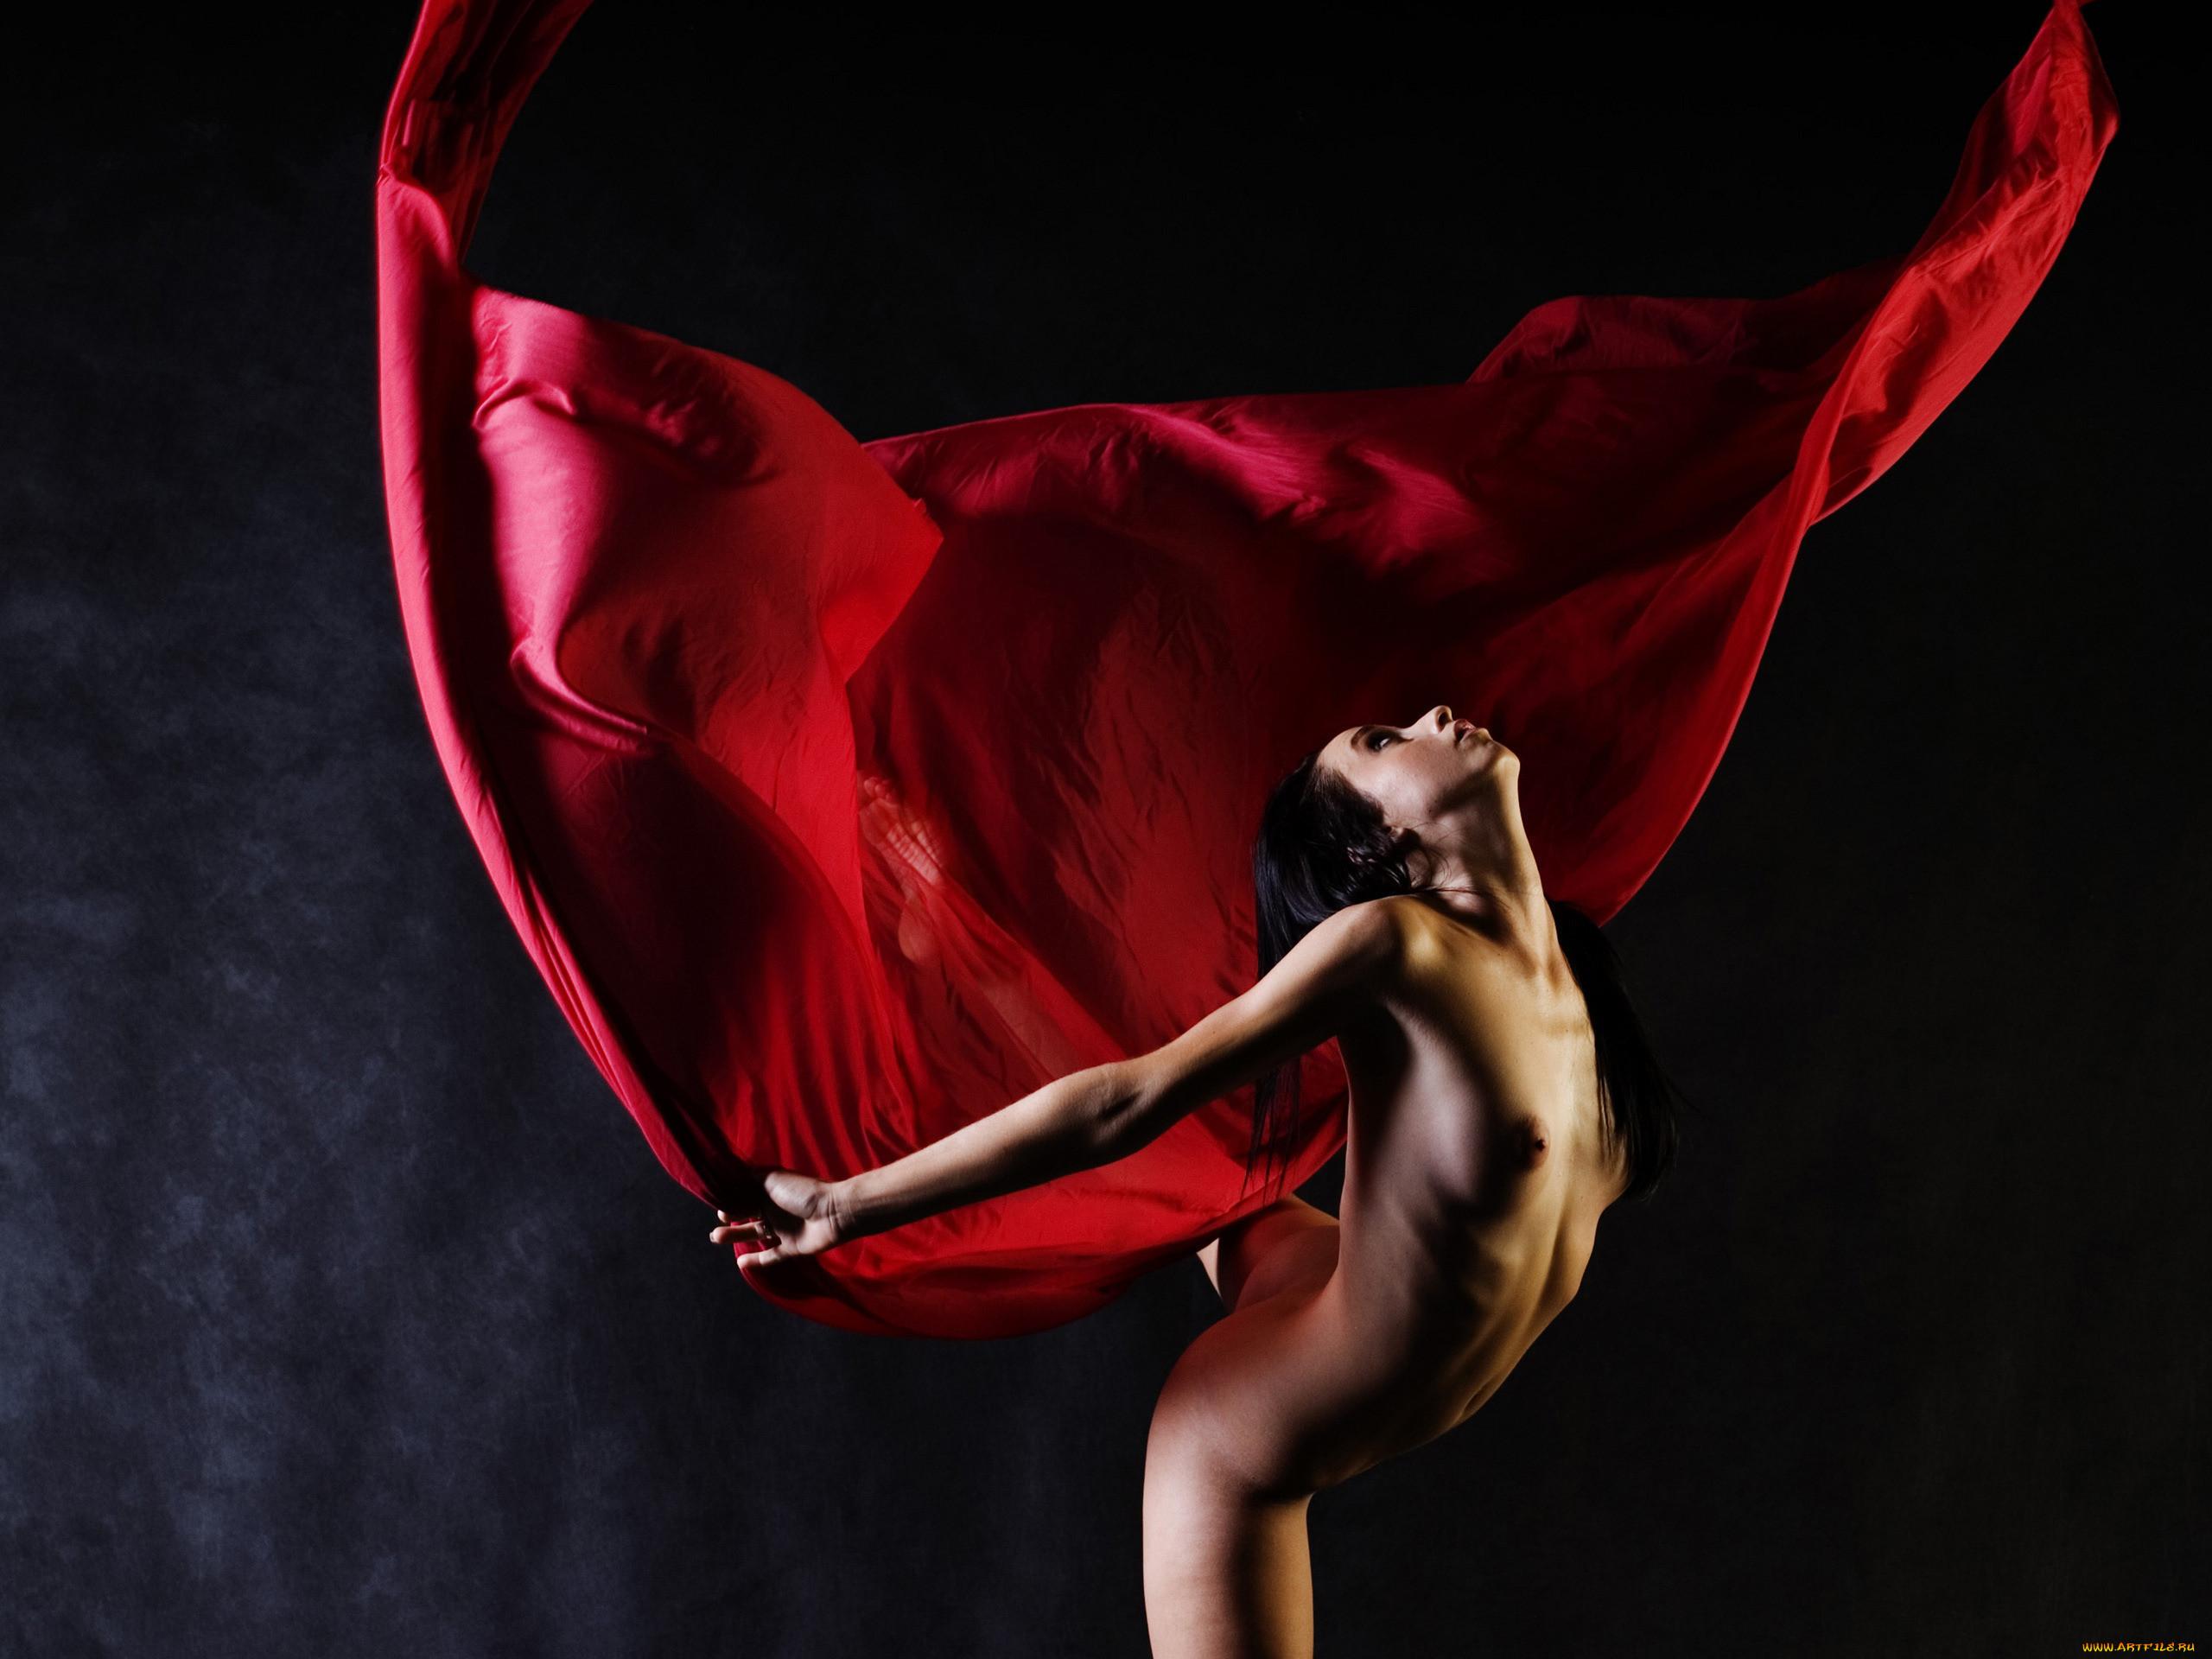 Танец голы девушка 16 фотография